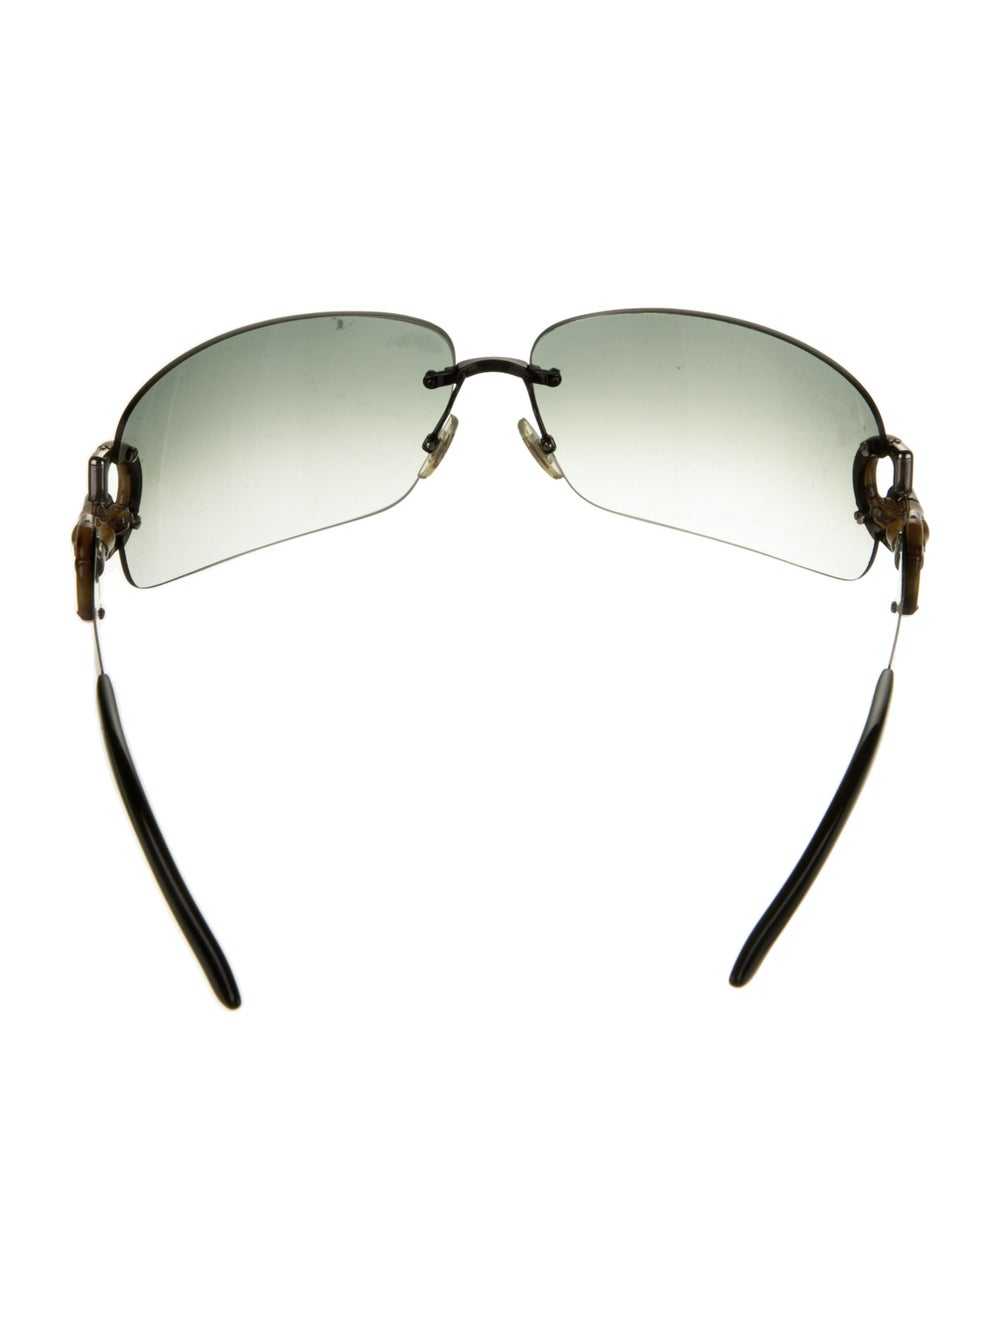 Gucci Bamboo Accent Shield Sunglasses Black - image 3